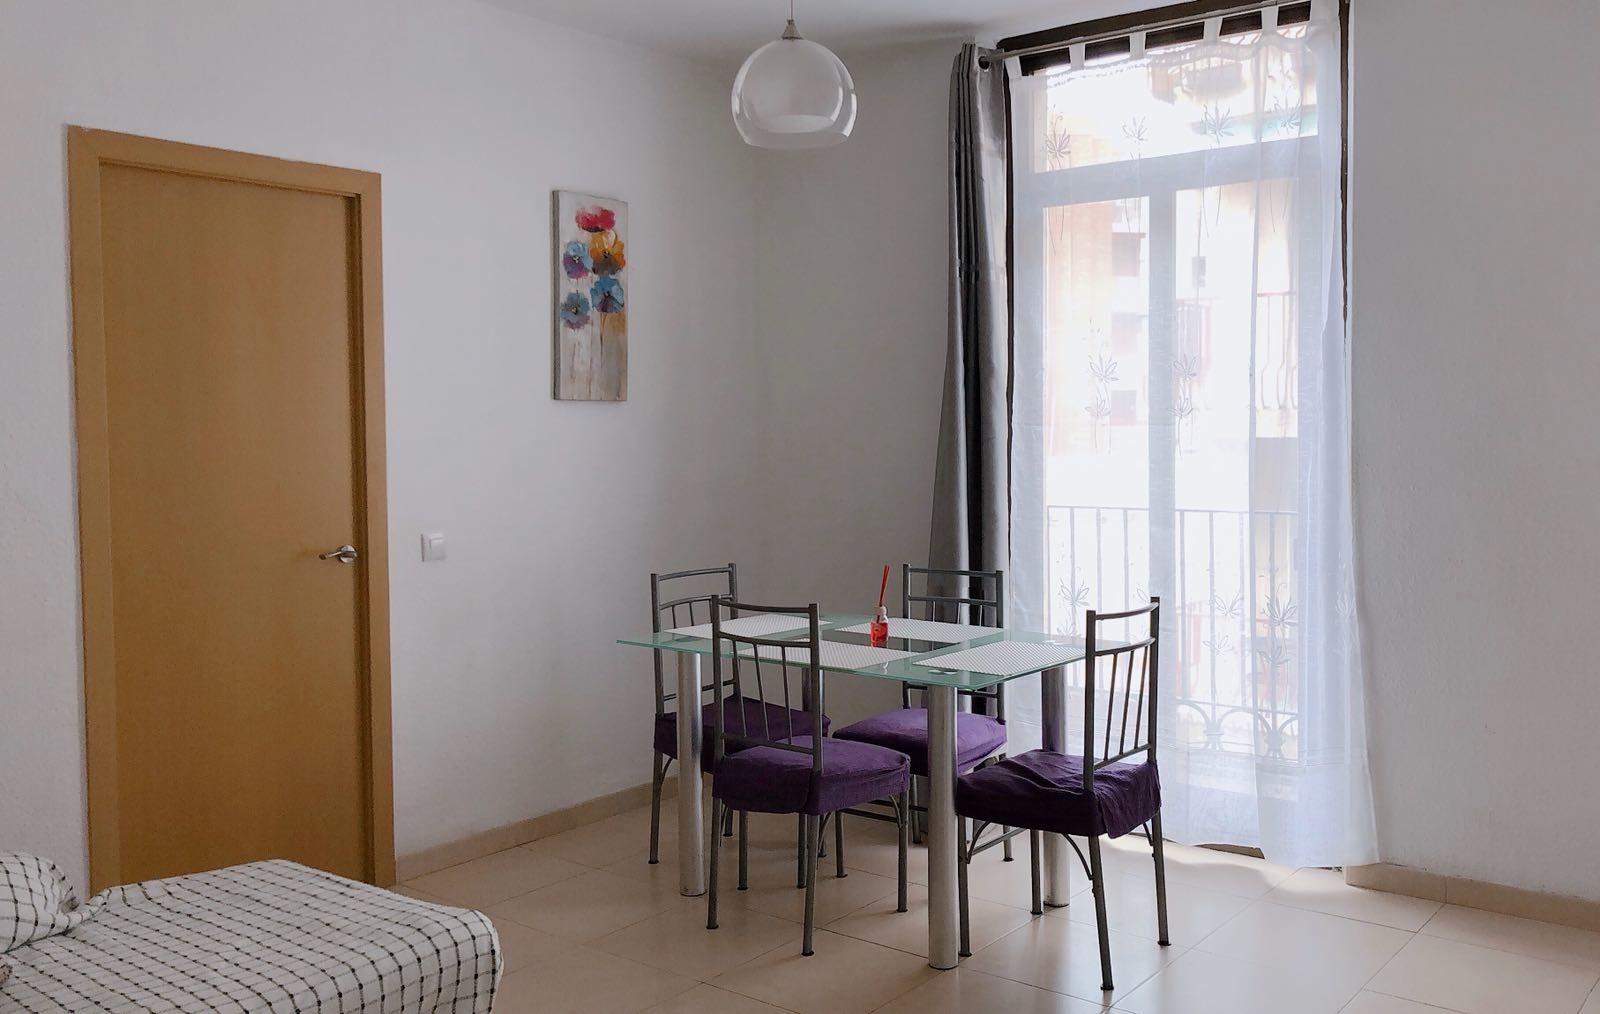 habitacion-tarragona-0925a4c11cfea6fe774